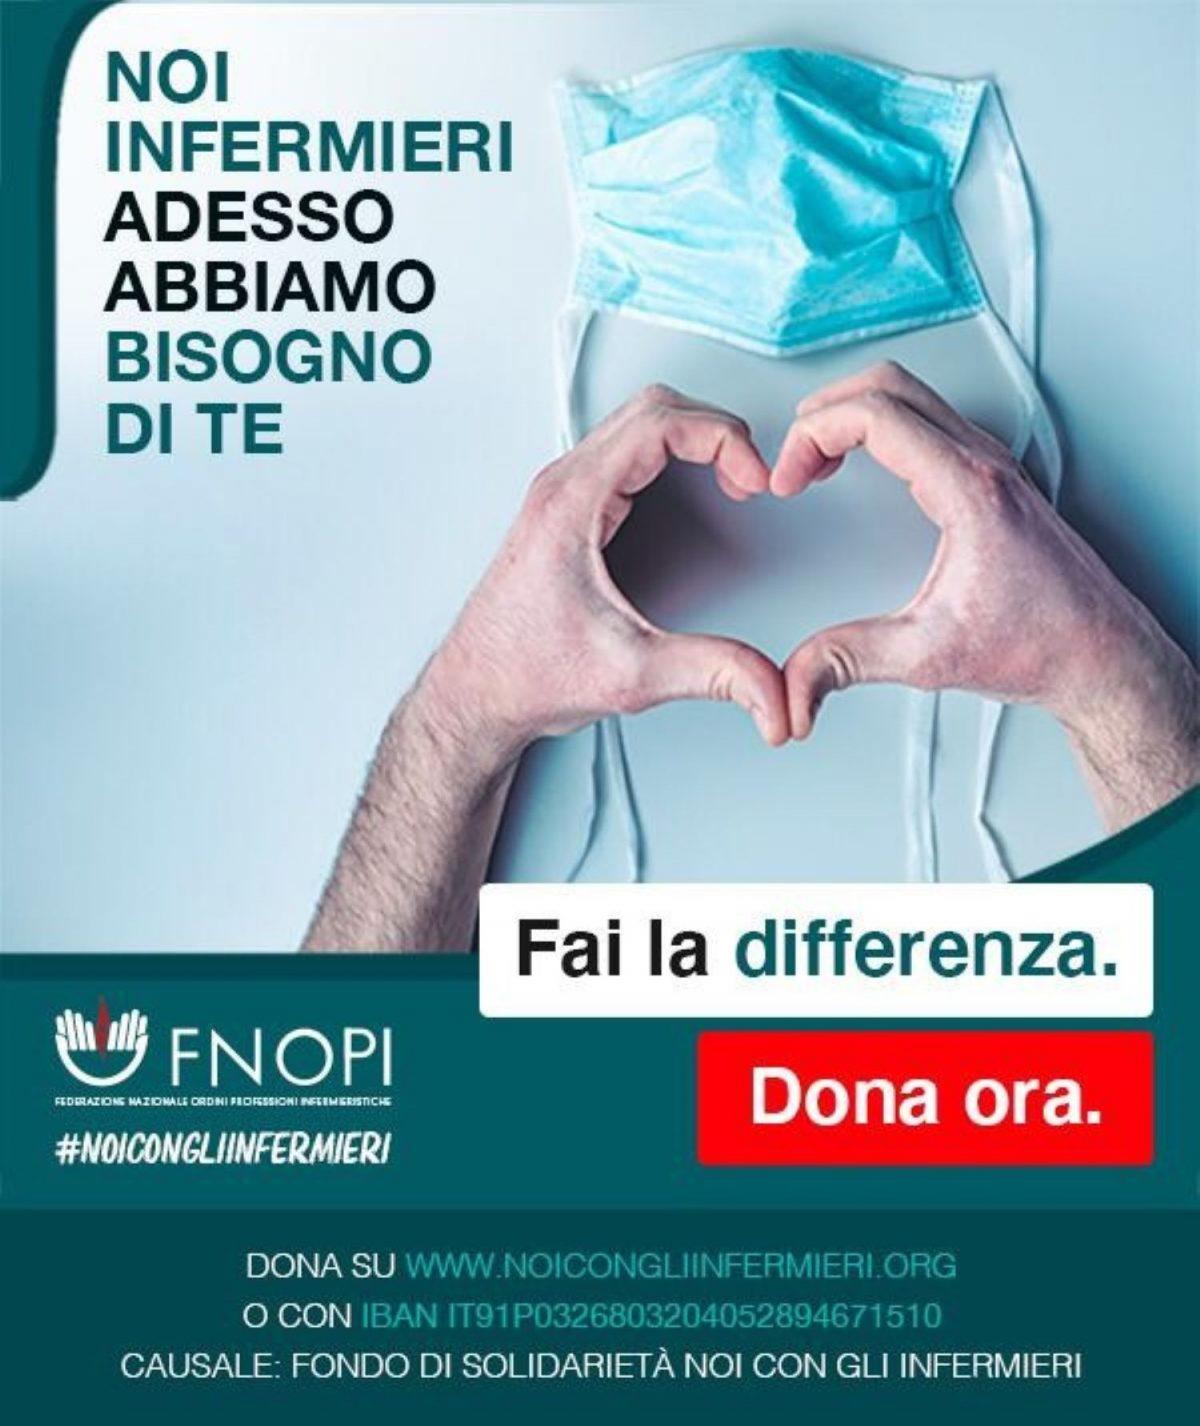 infermieri Fnopi